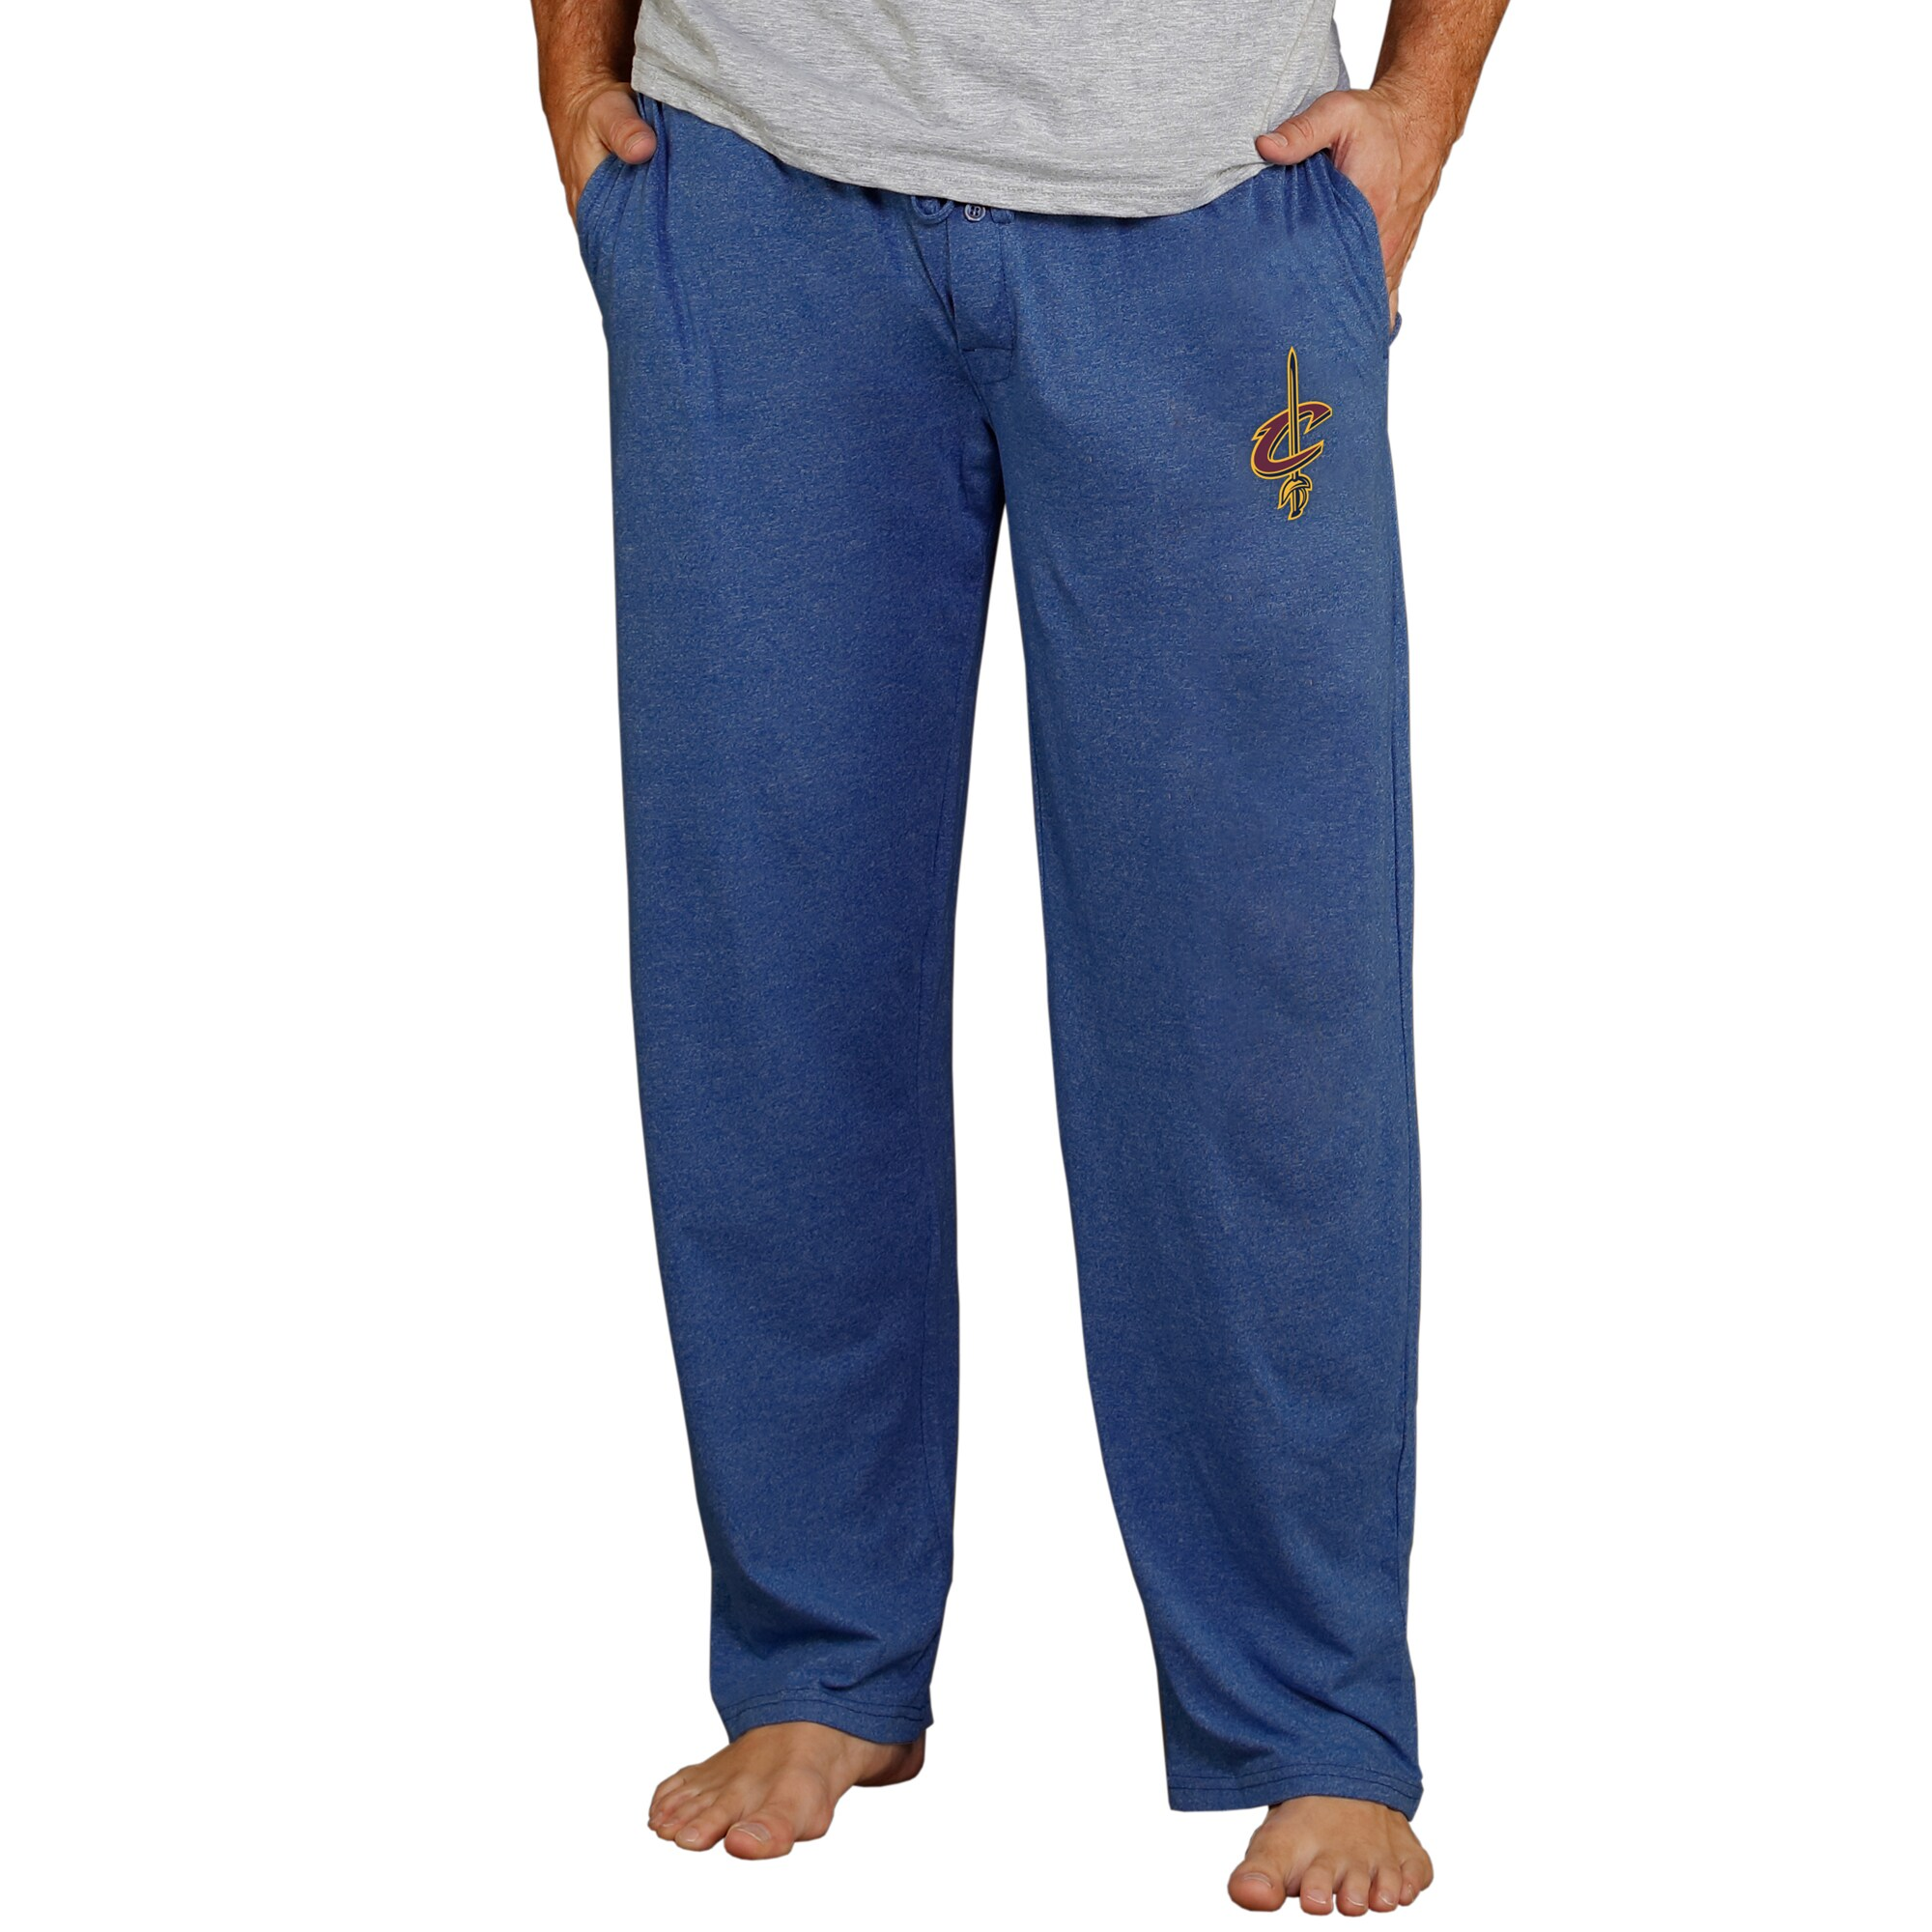 Cleveland Cavaliers Concepts Sport Quest Knit Pants - Navy